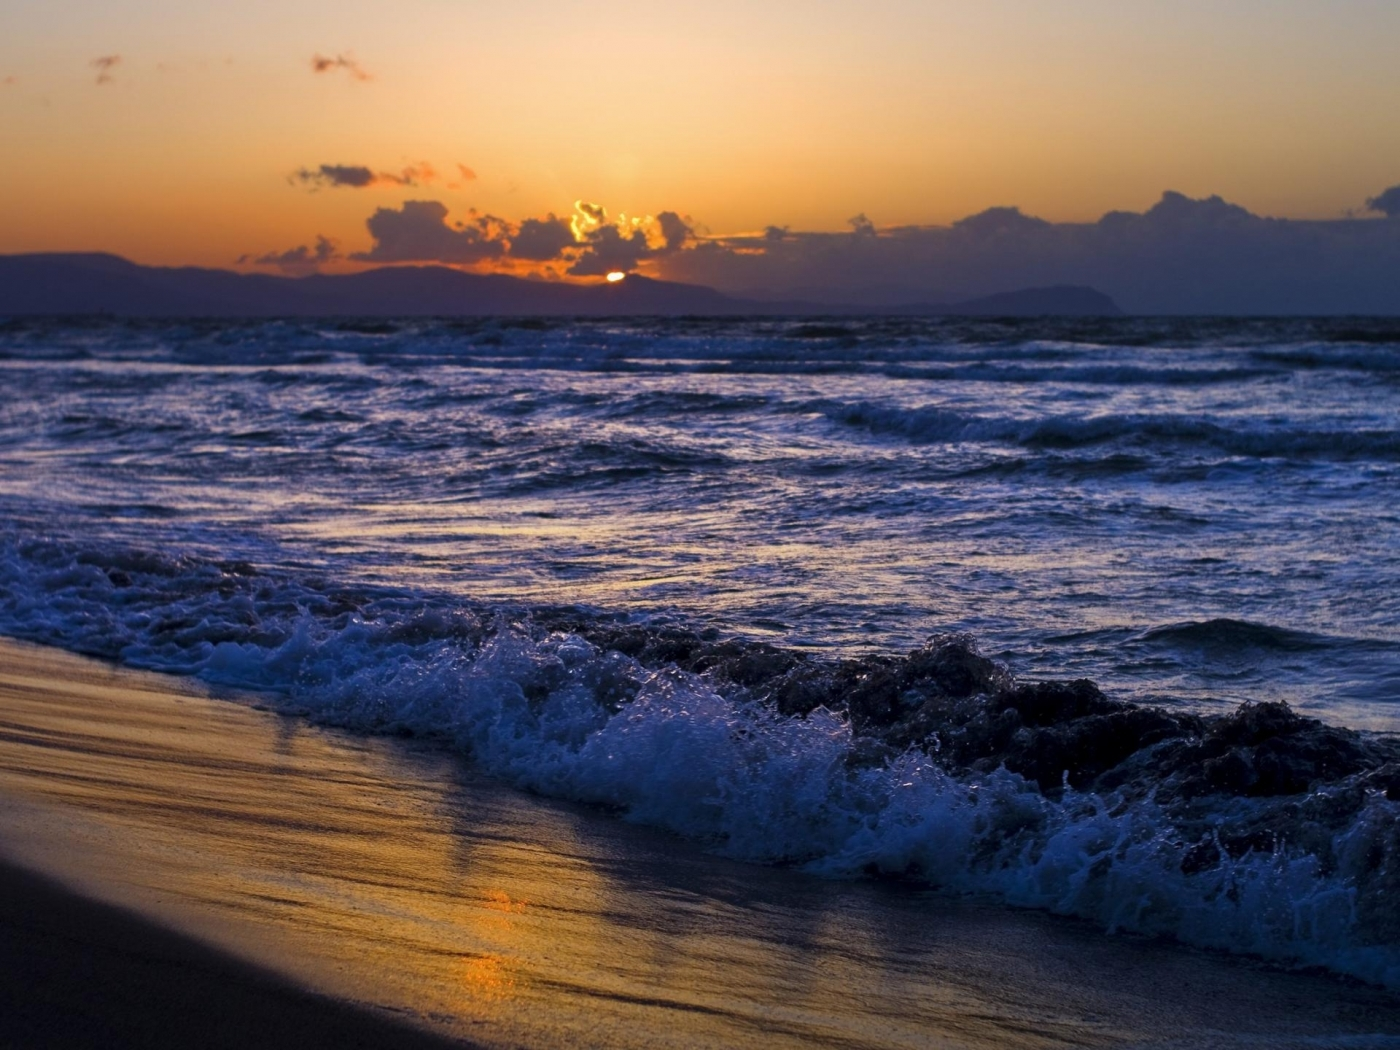 28903 скачать обои Пейзаж, Закат, Море, Волны - заставки и картинки бесплатно